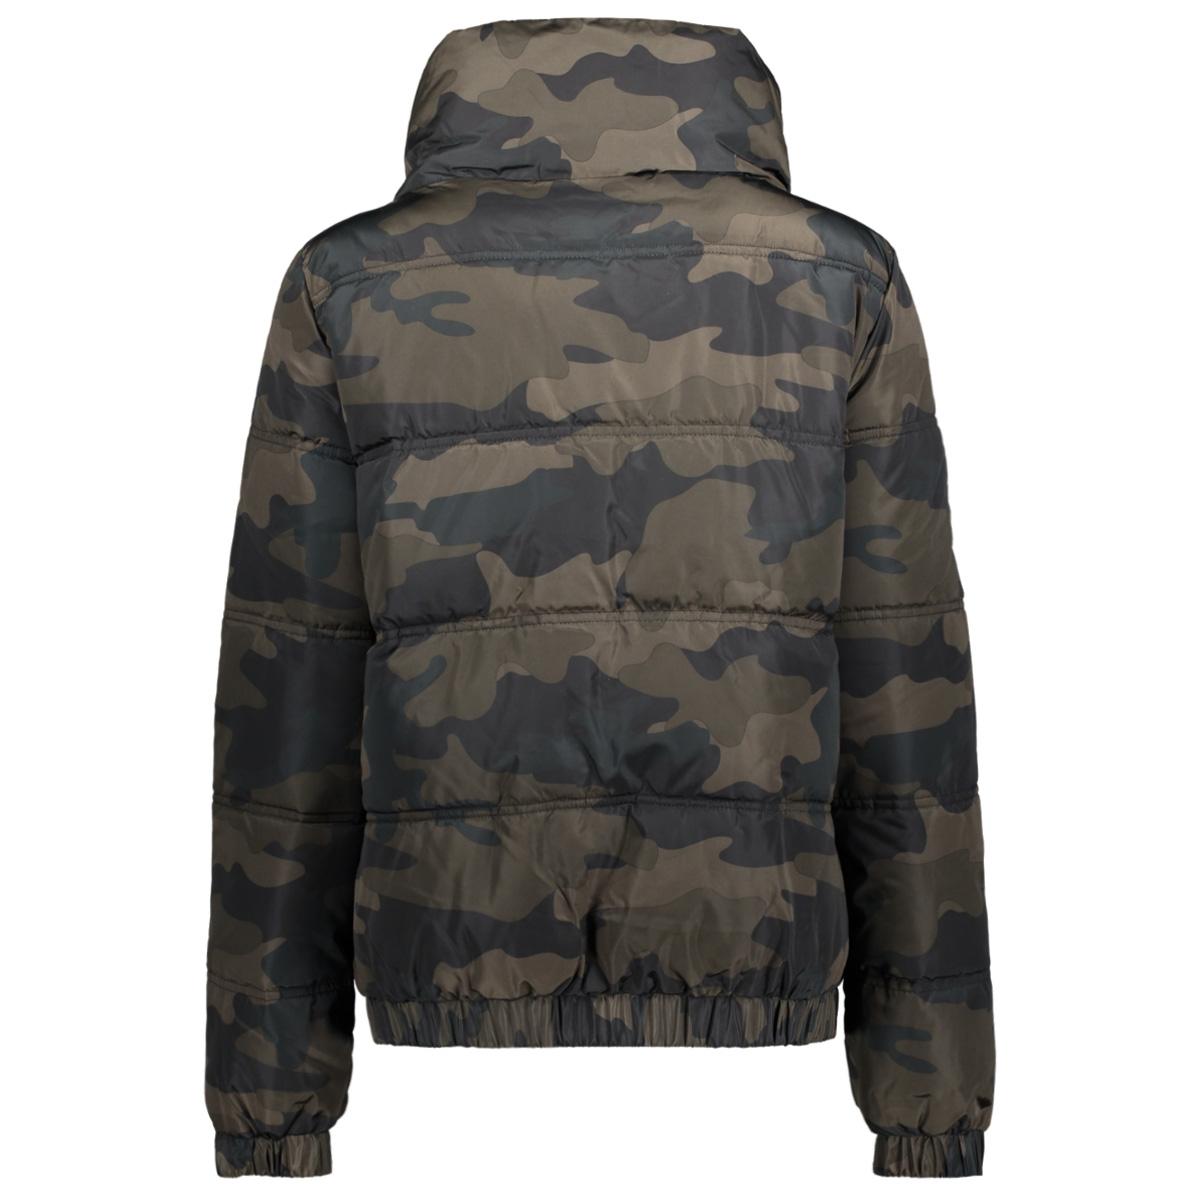 3555012.00.71 tom tailor jas 1002